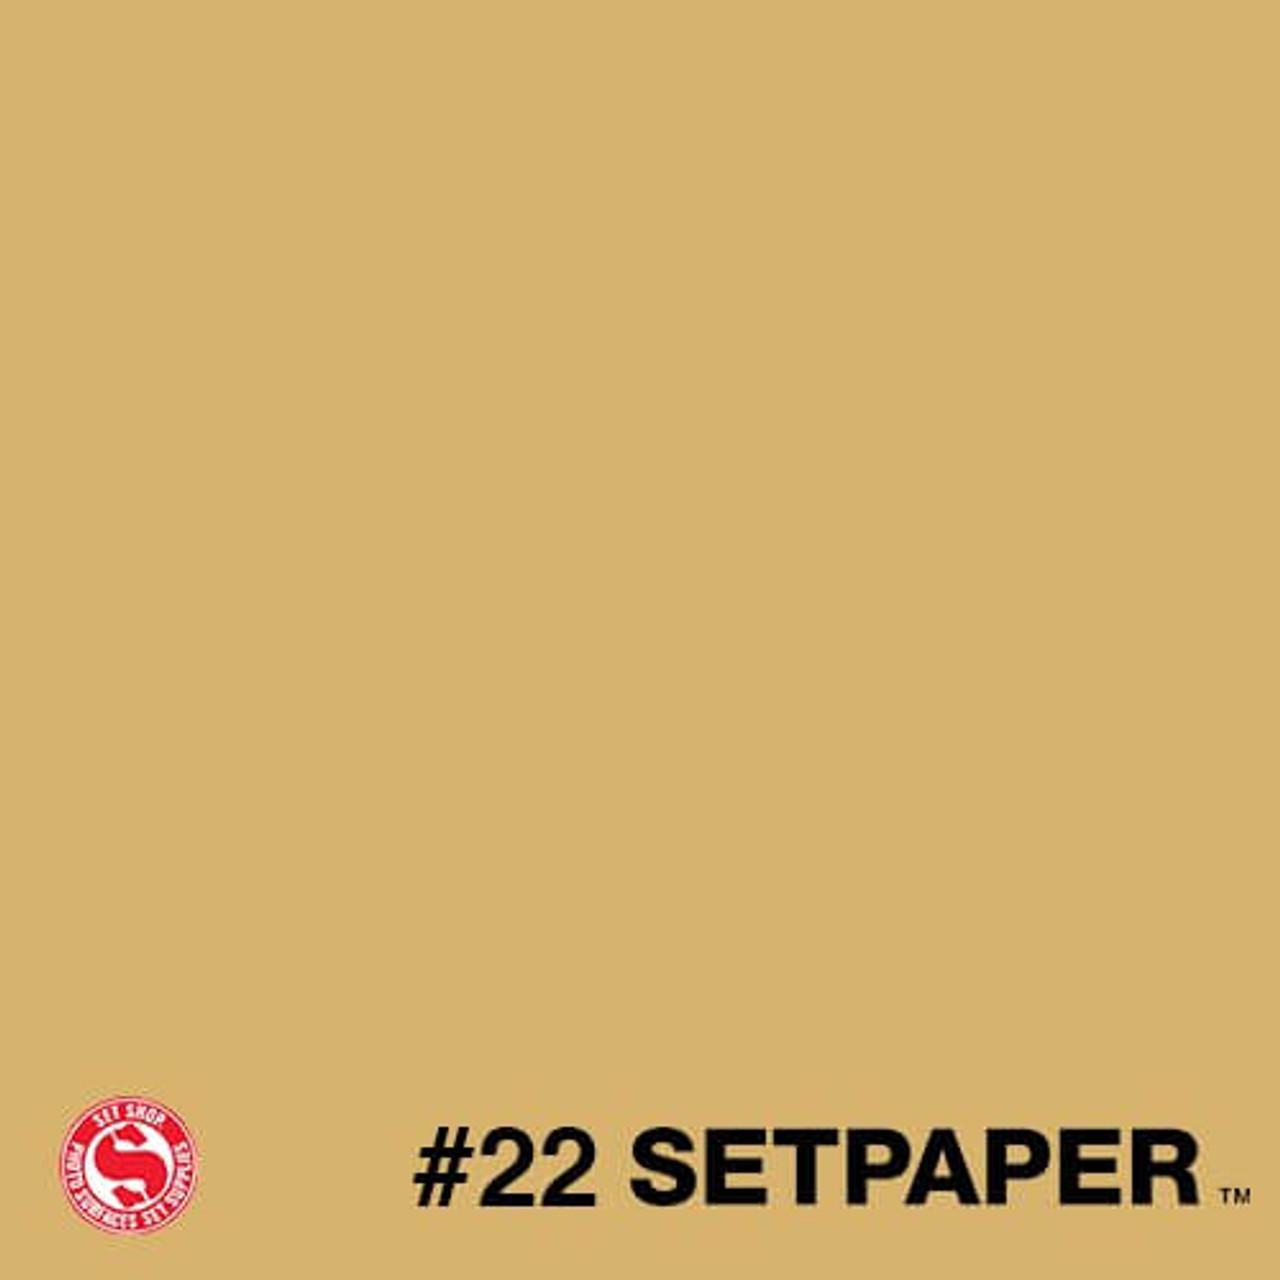 """122 SETPAPER - BUFF 53"""" x 36' (1.3 x 11m)"""